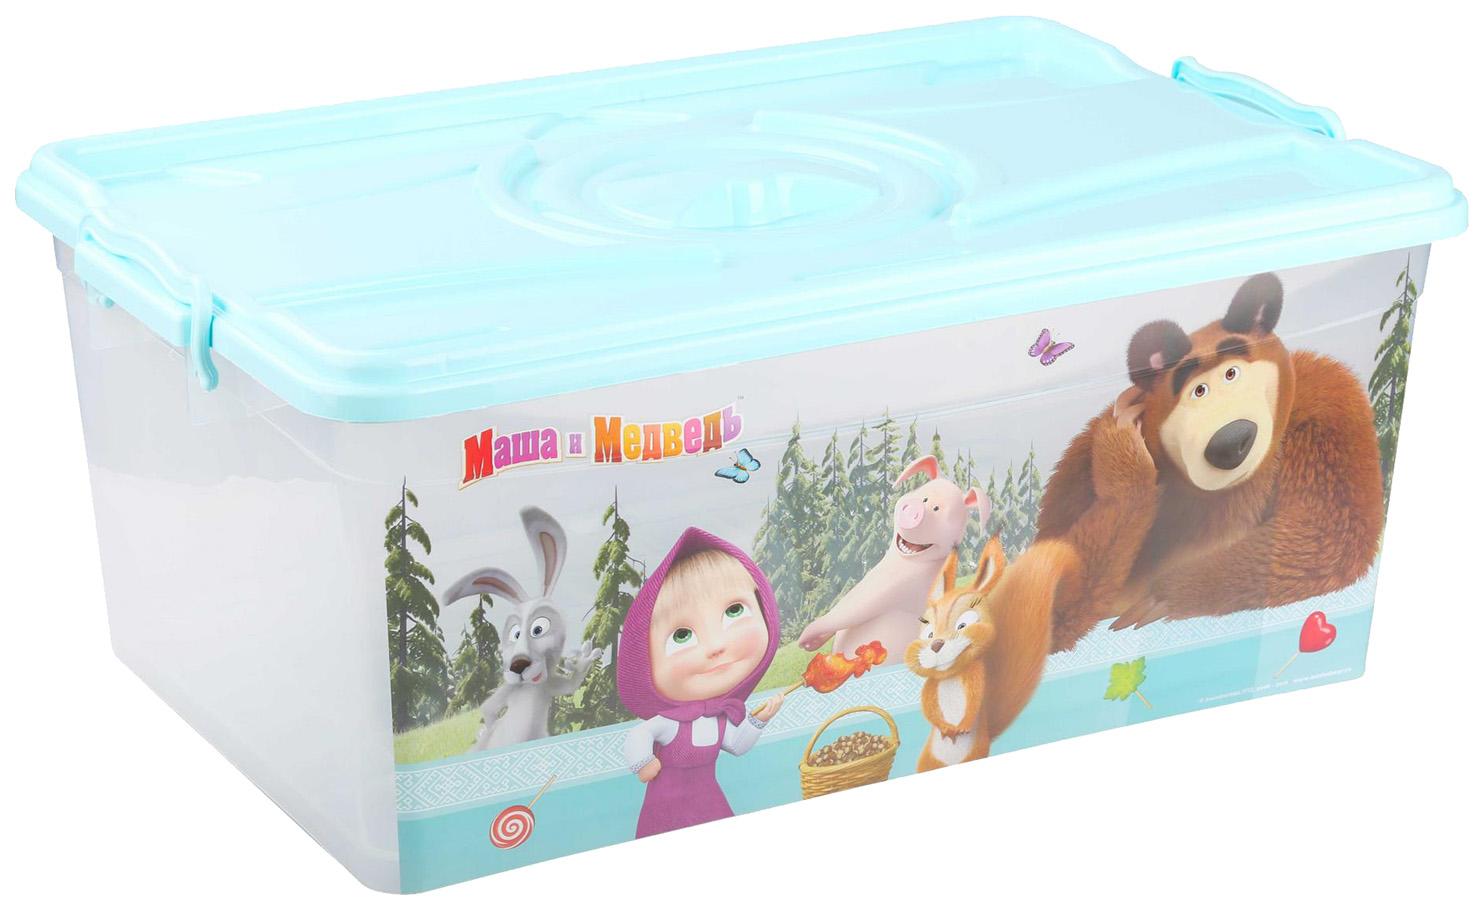 Ящик для хранения игрушек Альтернатива Маша